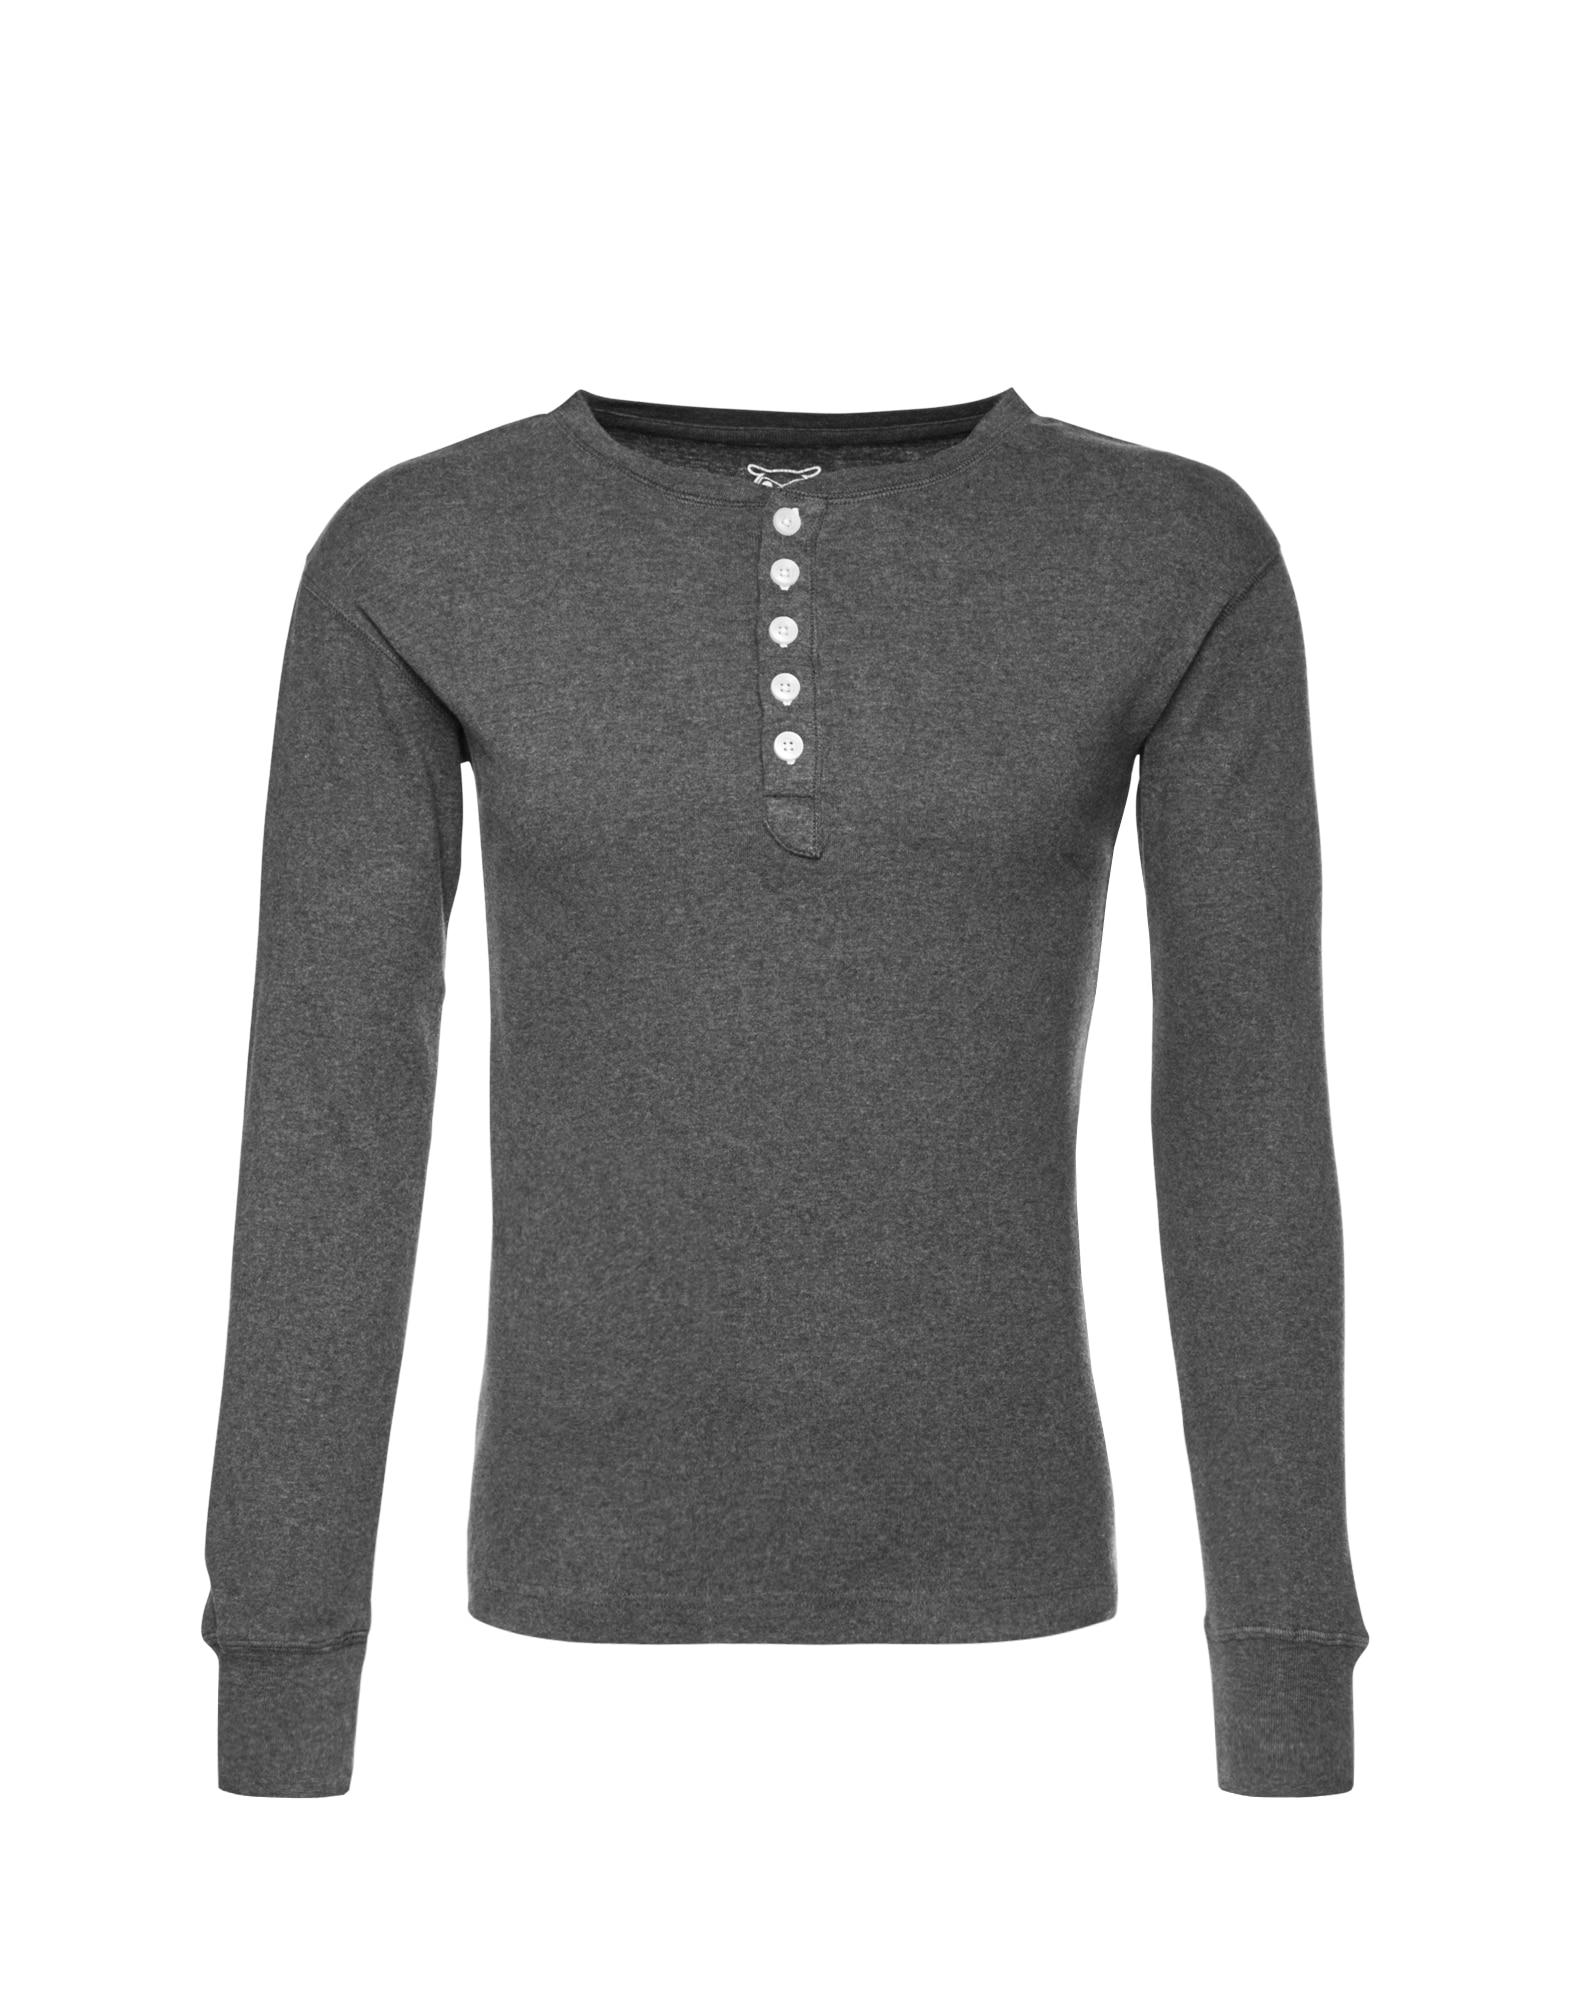 KnowledgeCotton Apparel Marškinėliai pilka